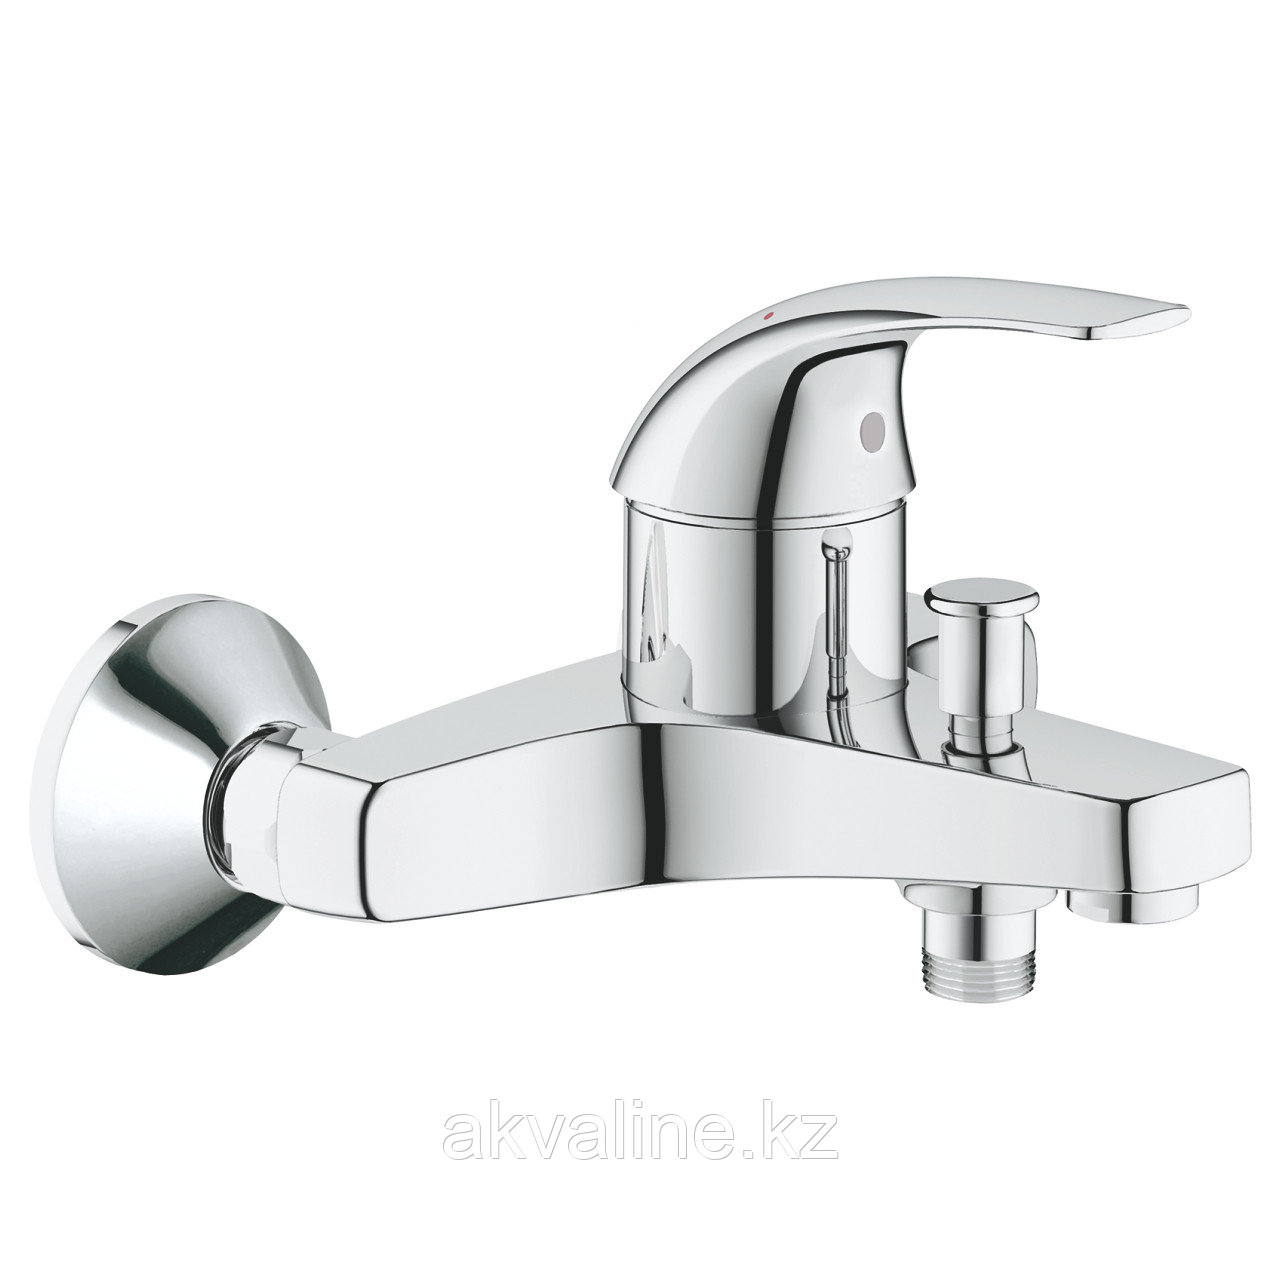 Grohe BauCurve Смеситель для ванны однорычажный, DN 15 32806000